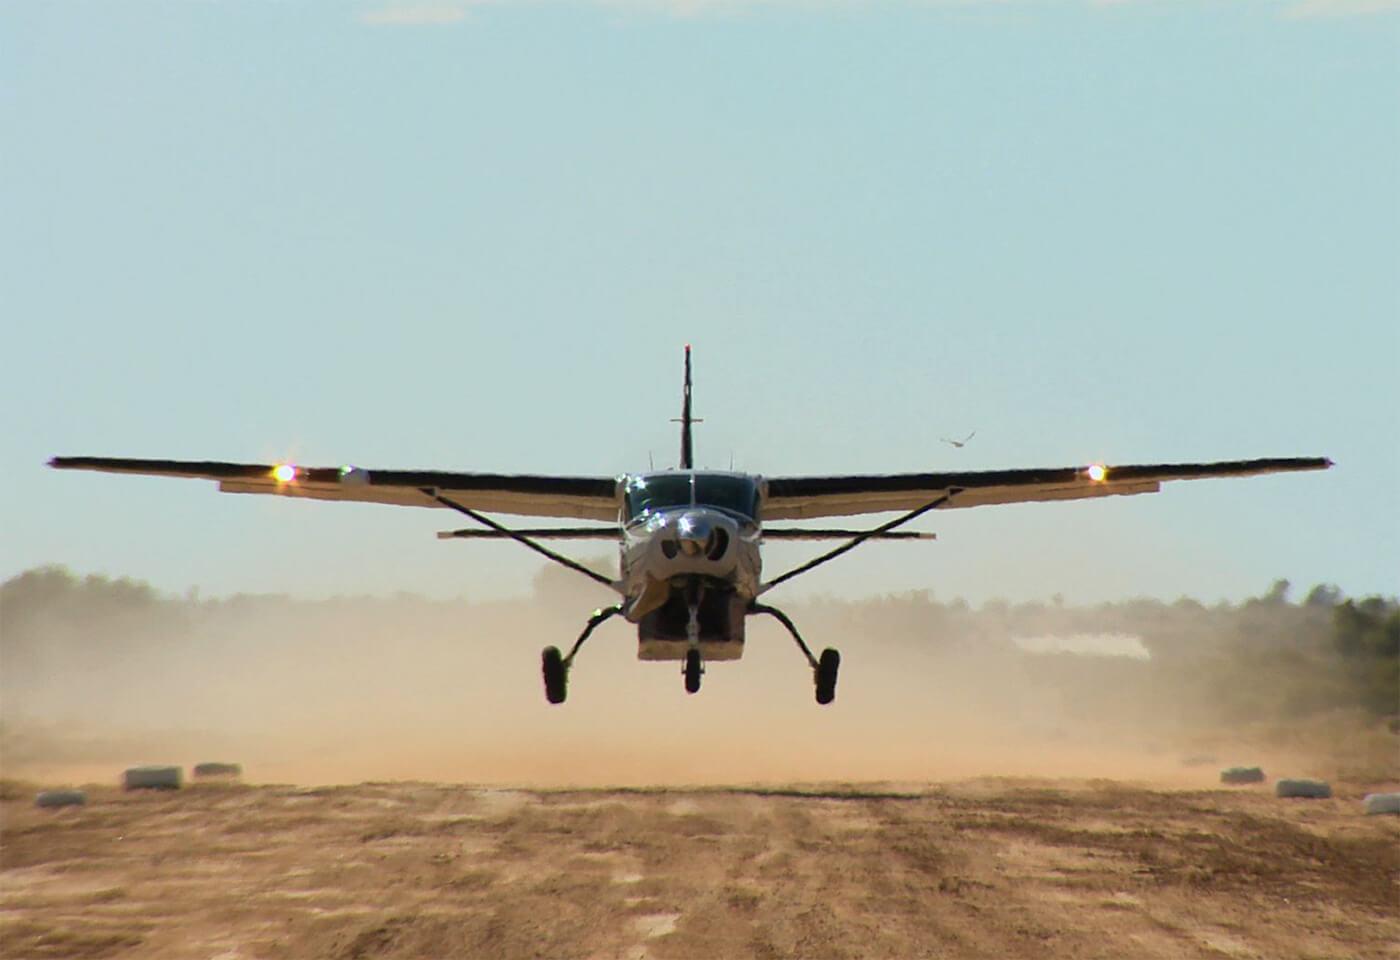 Landscape image of plane